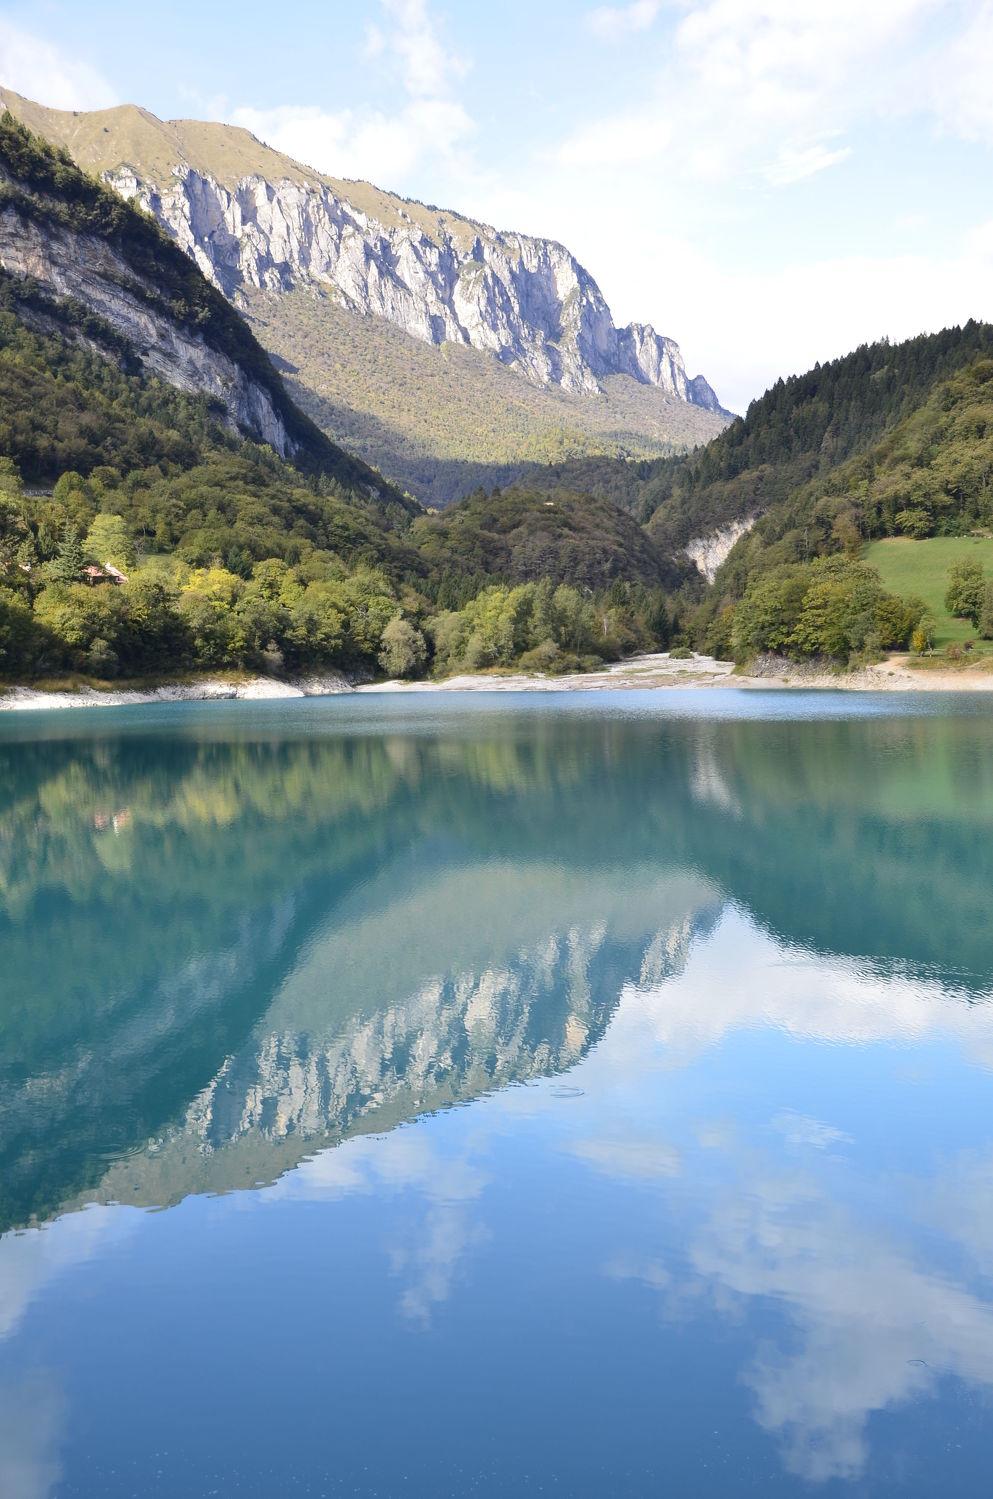 Bild mit Wasser, Landschaften, Berge, Seen, Italien, Alpen, Landschaft, See, Naturlandschaften, berg